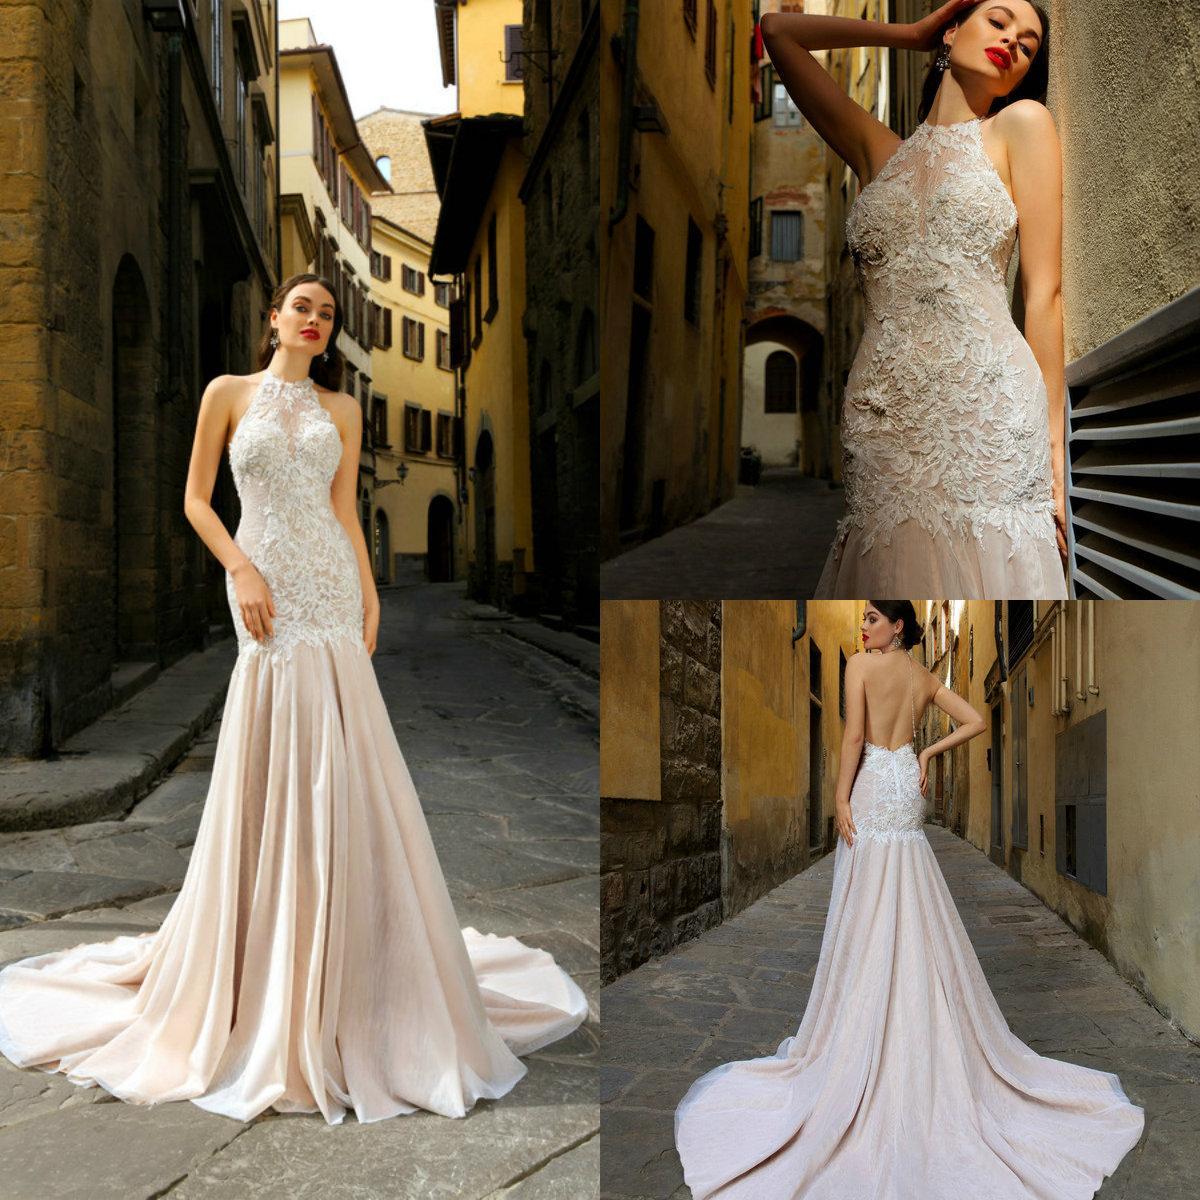 2020 Lace Mermaid Brautkleider Neckholder Appliqued wulstige Sleeveless Strand-Brautkleid-Backless gekräuselten Sweep Zug Vestidos De Novia